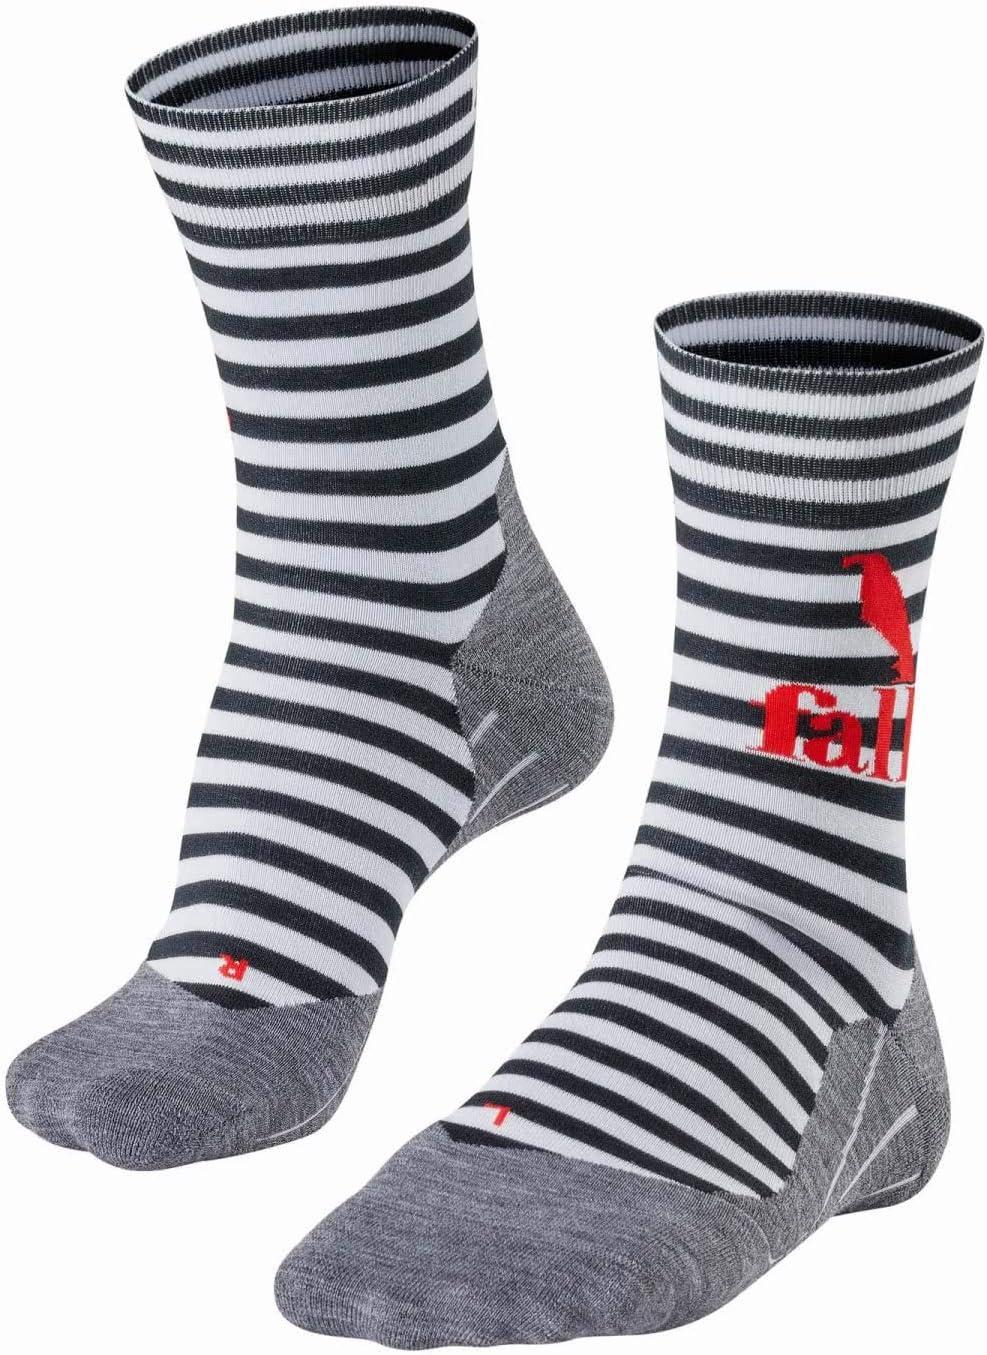 FALKE Damen RU4 Socken Black 41-42